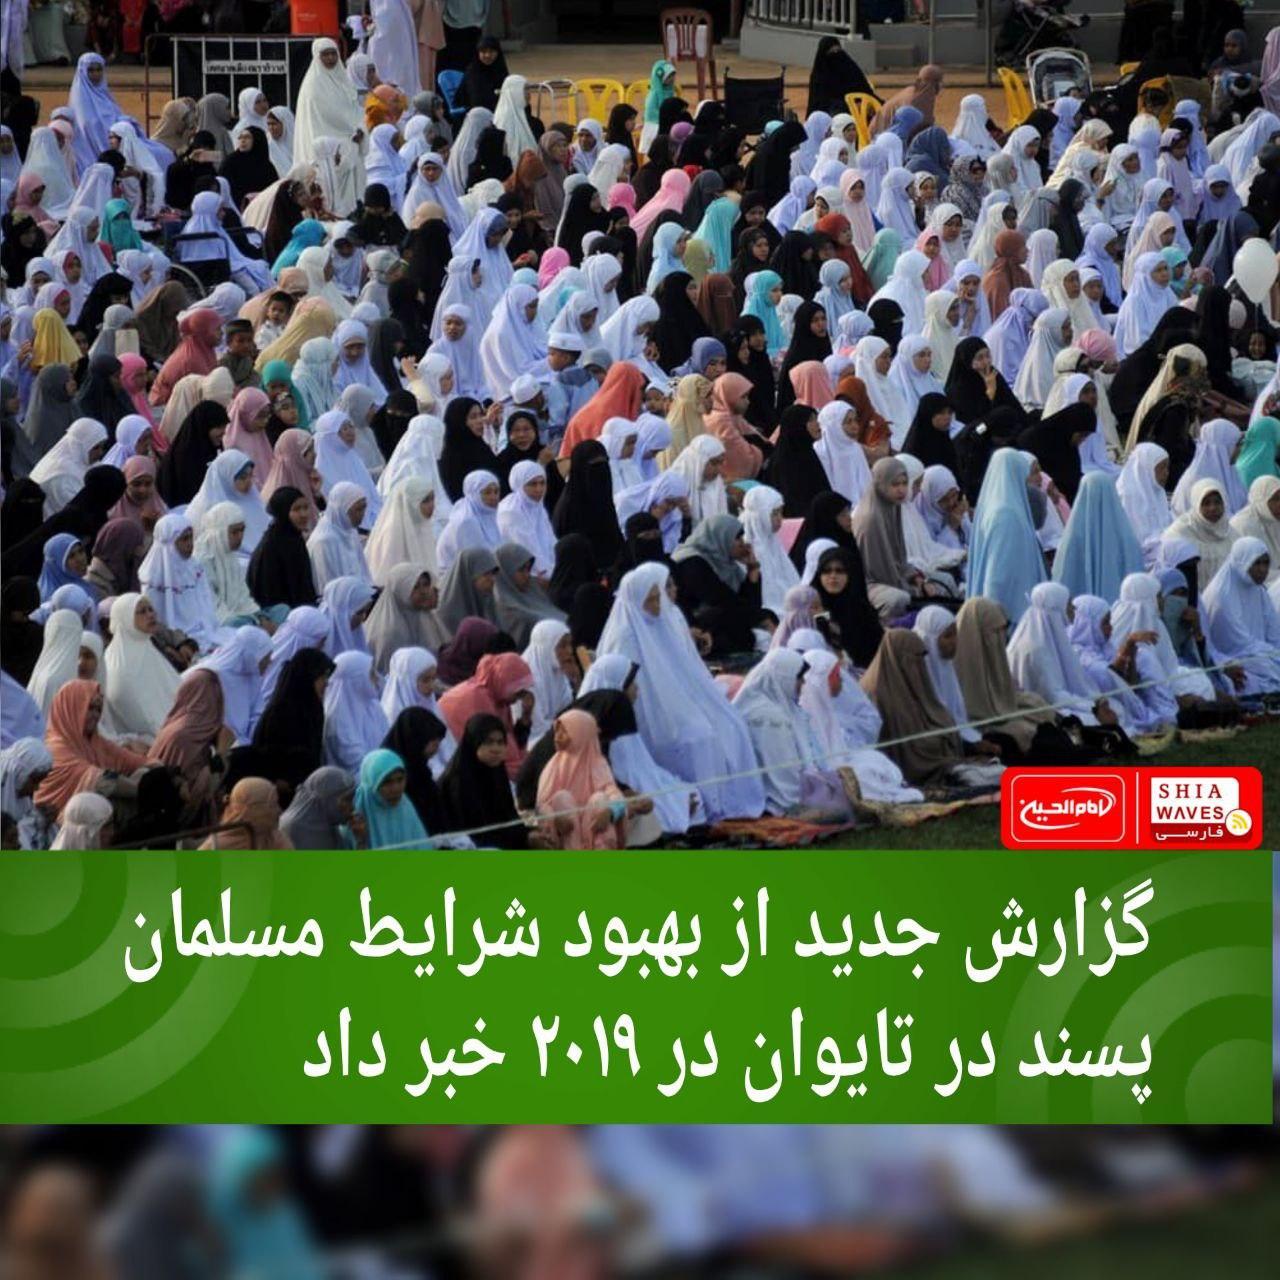 تصویر گزارش جدید از بهبود شرایط مسلمان پسند در تایوان در ۲۰۱۹ خبر داد